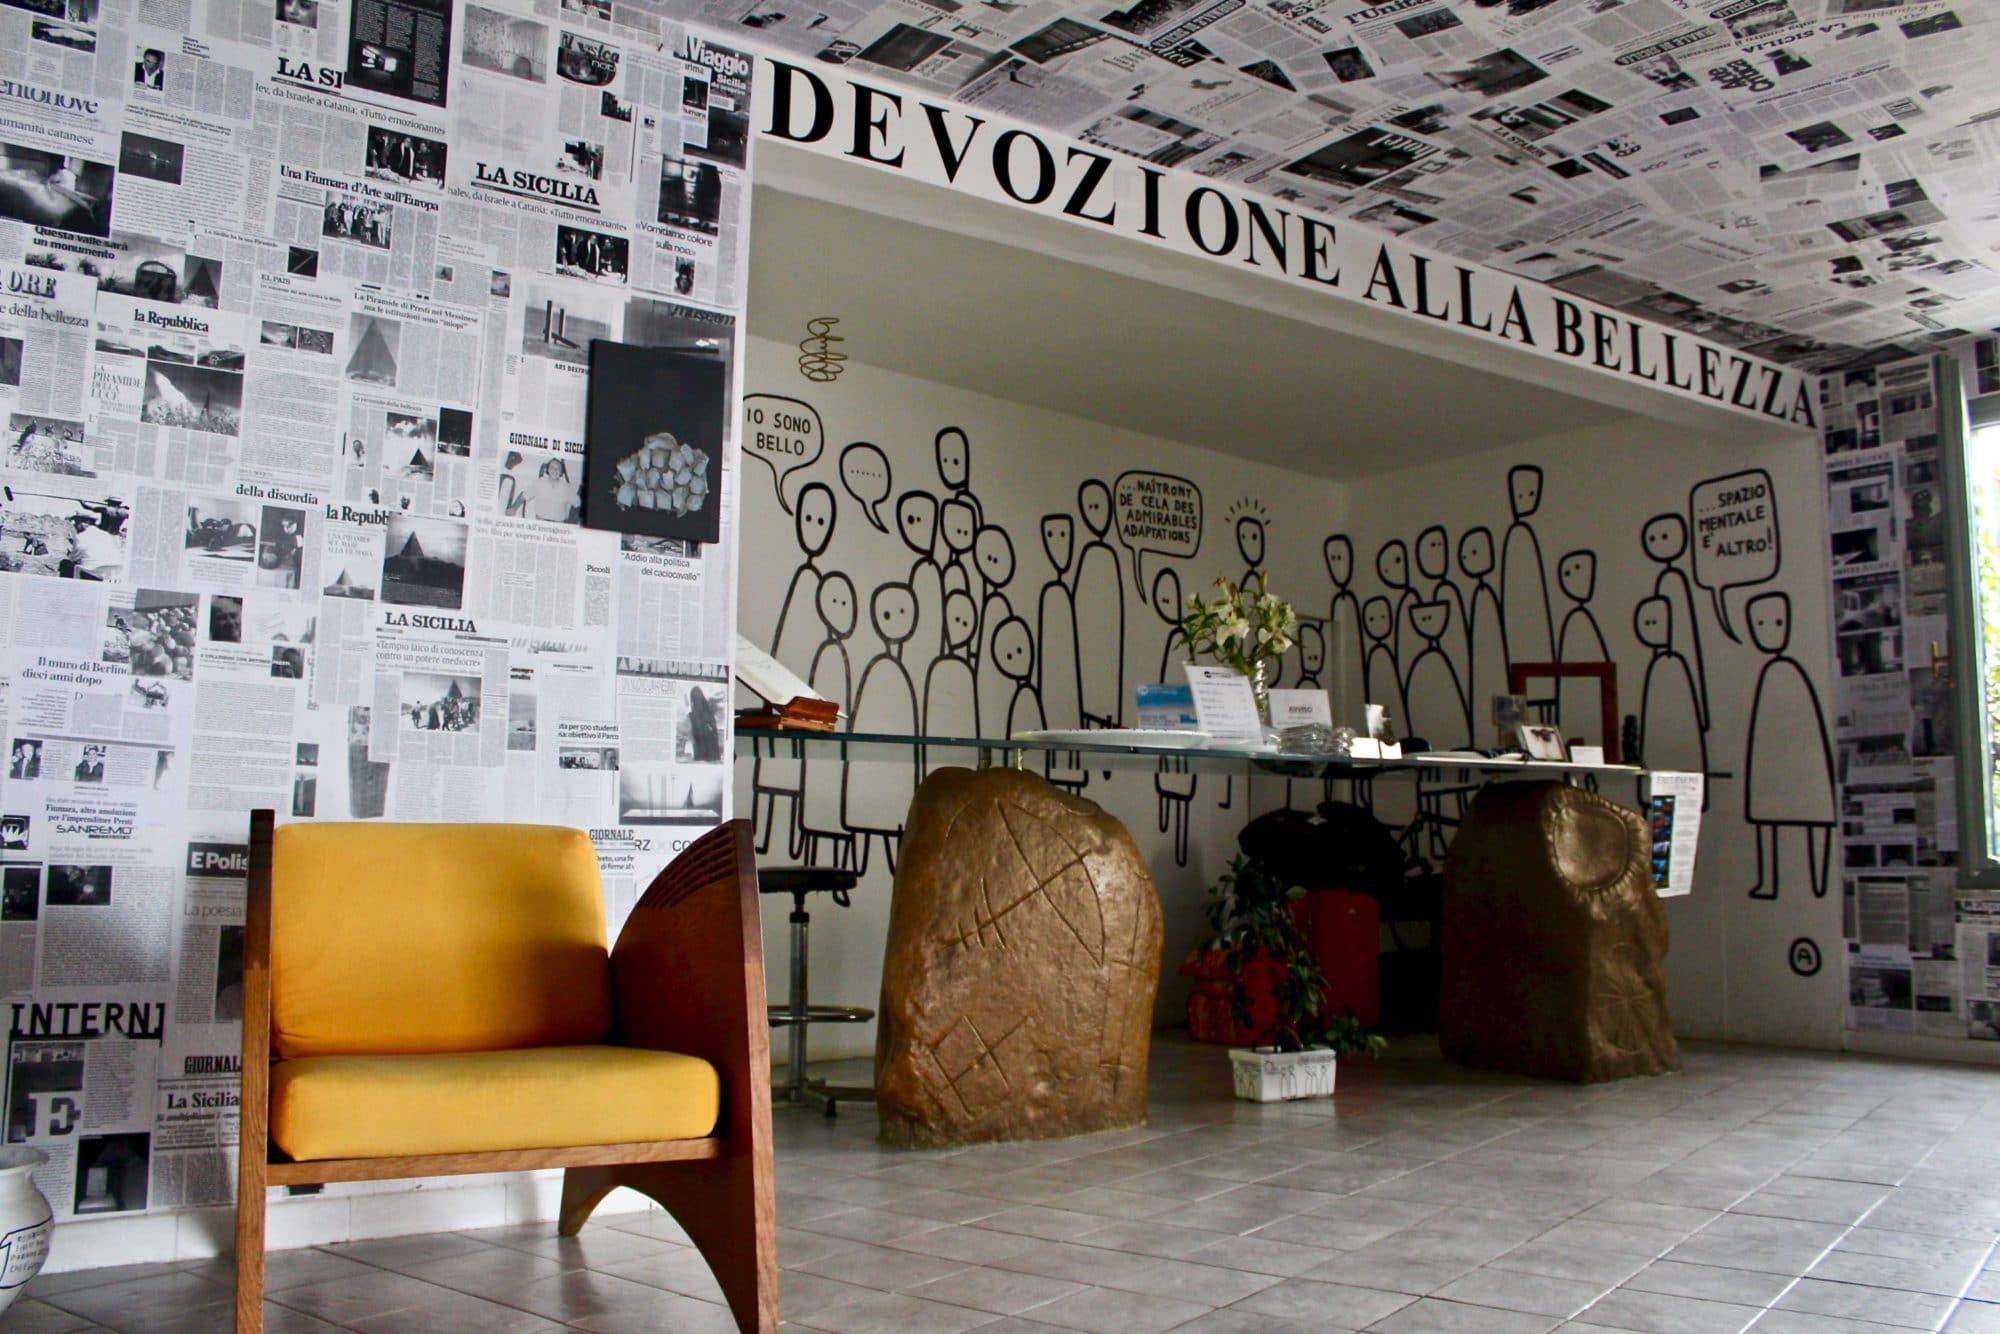 IMG 1977 e1537721303919 ART HOTEL ATELIER SUL MARE